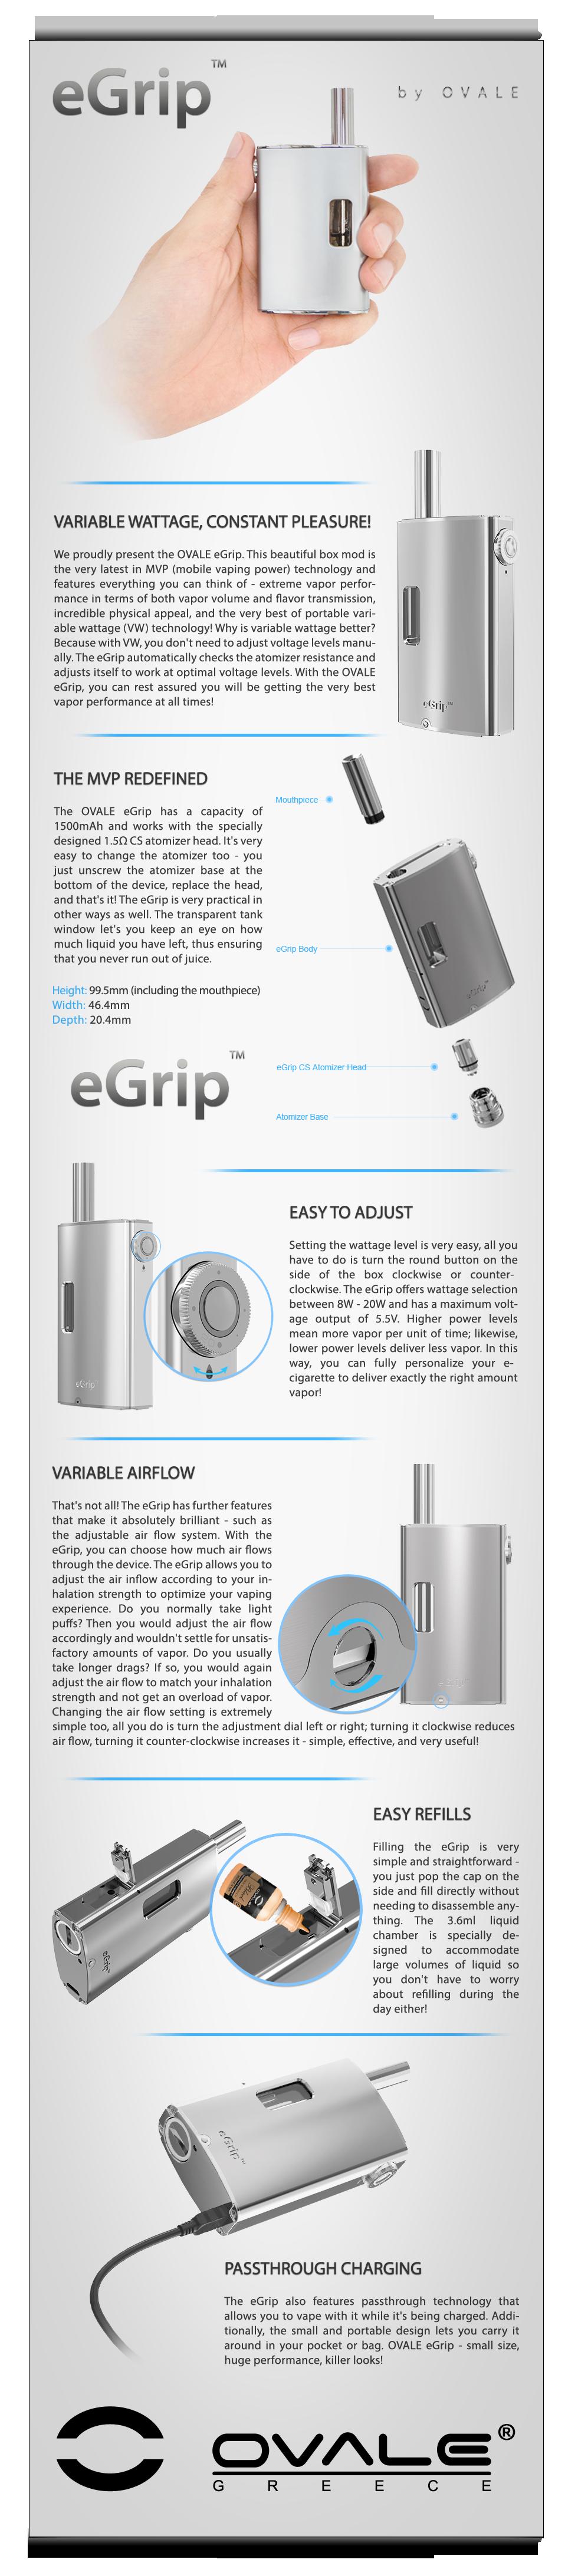 ηλεκτρονικό τσιγάρο, υγρό αναπλήρωσης ηλεκτρονικού τσιγάρου, κόψιμο καπνίσματος, ovale, joyetech, egrip